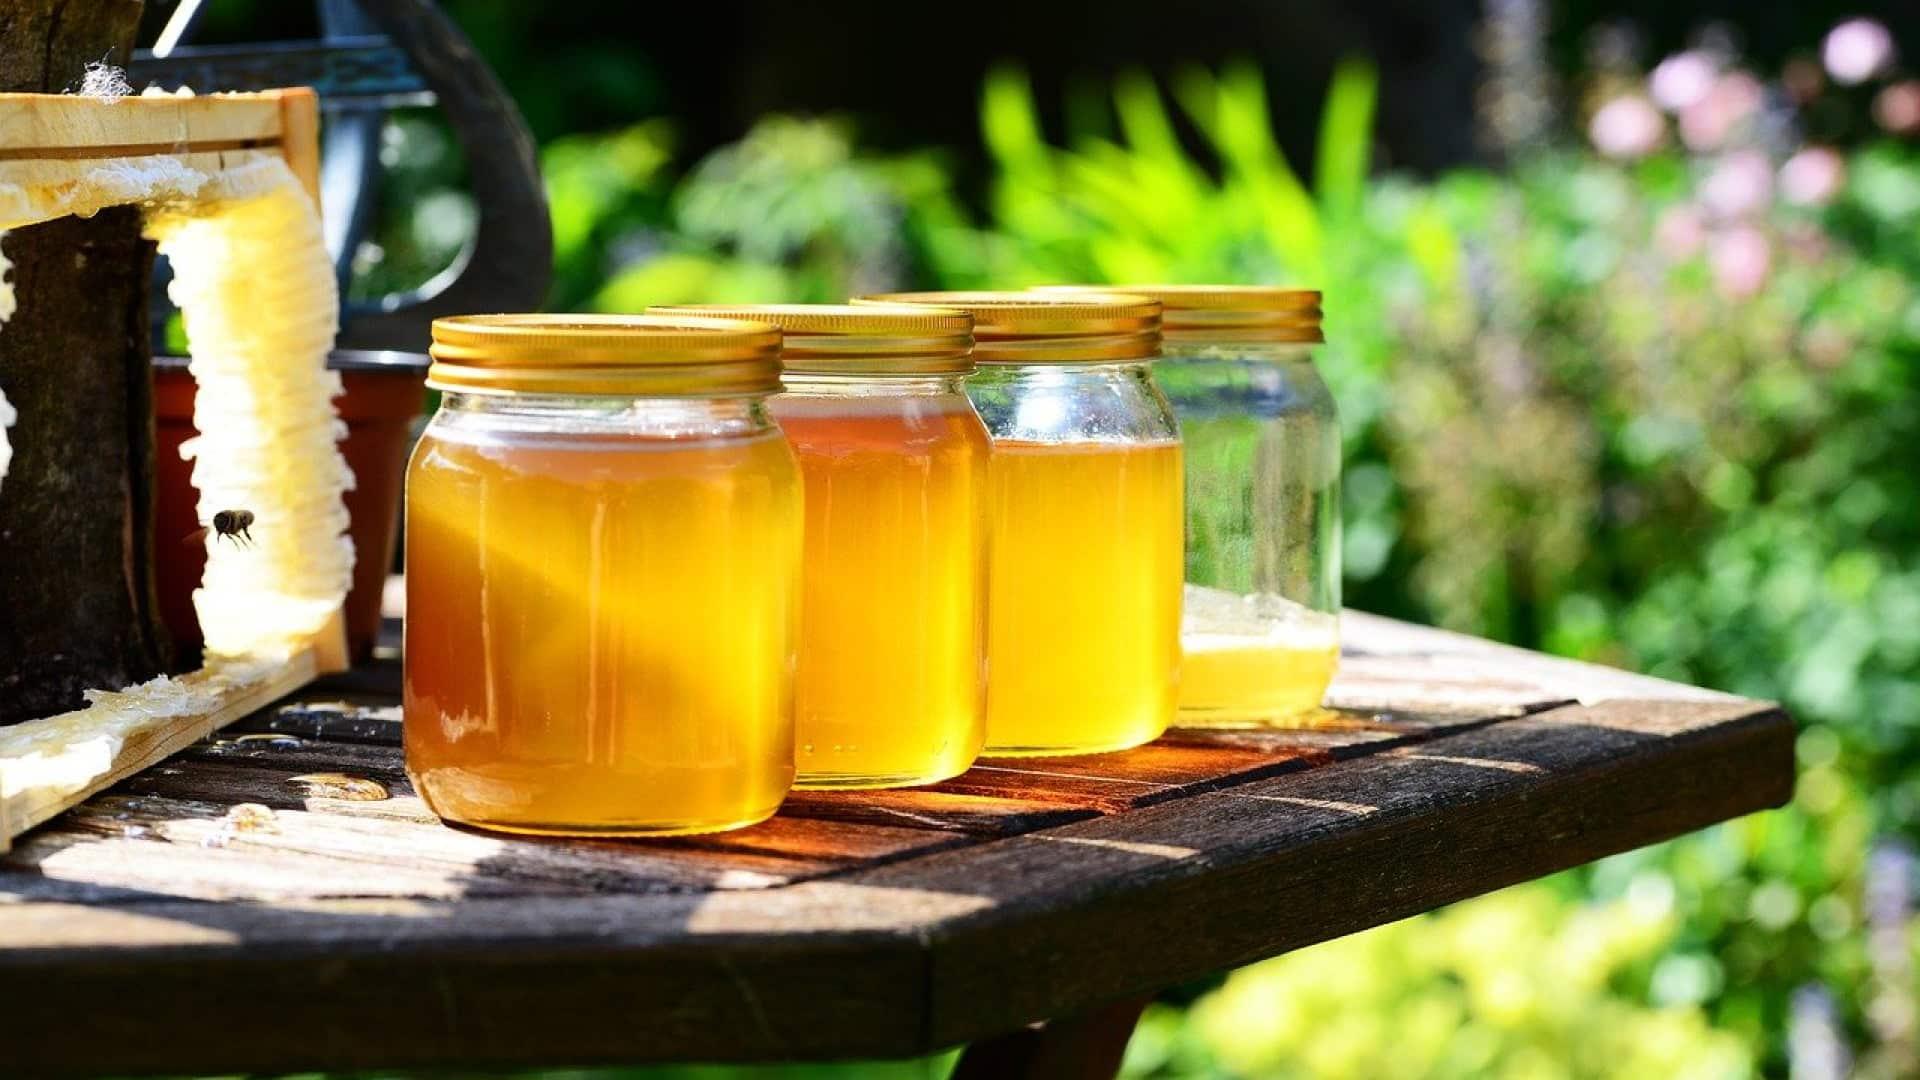 Pourquoi offrir un pot de miel aux invites à son mariage ?